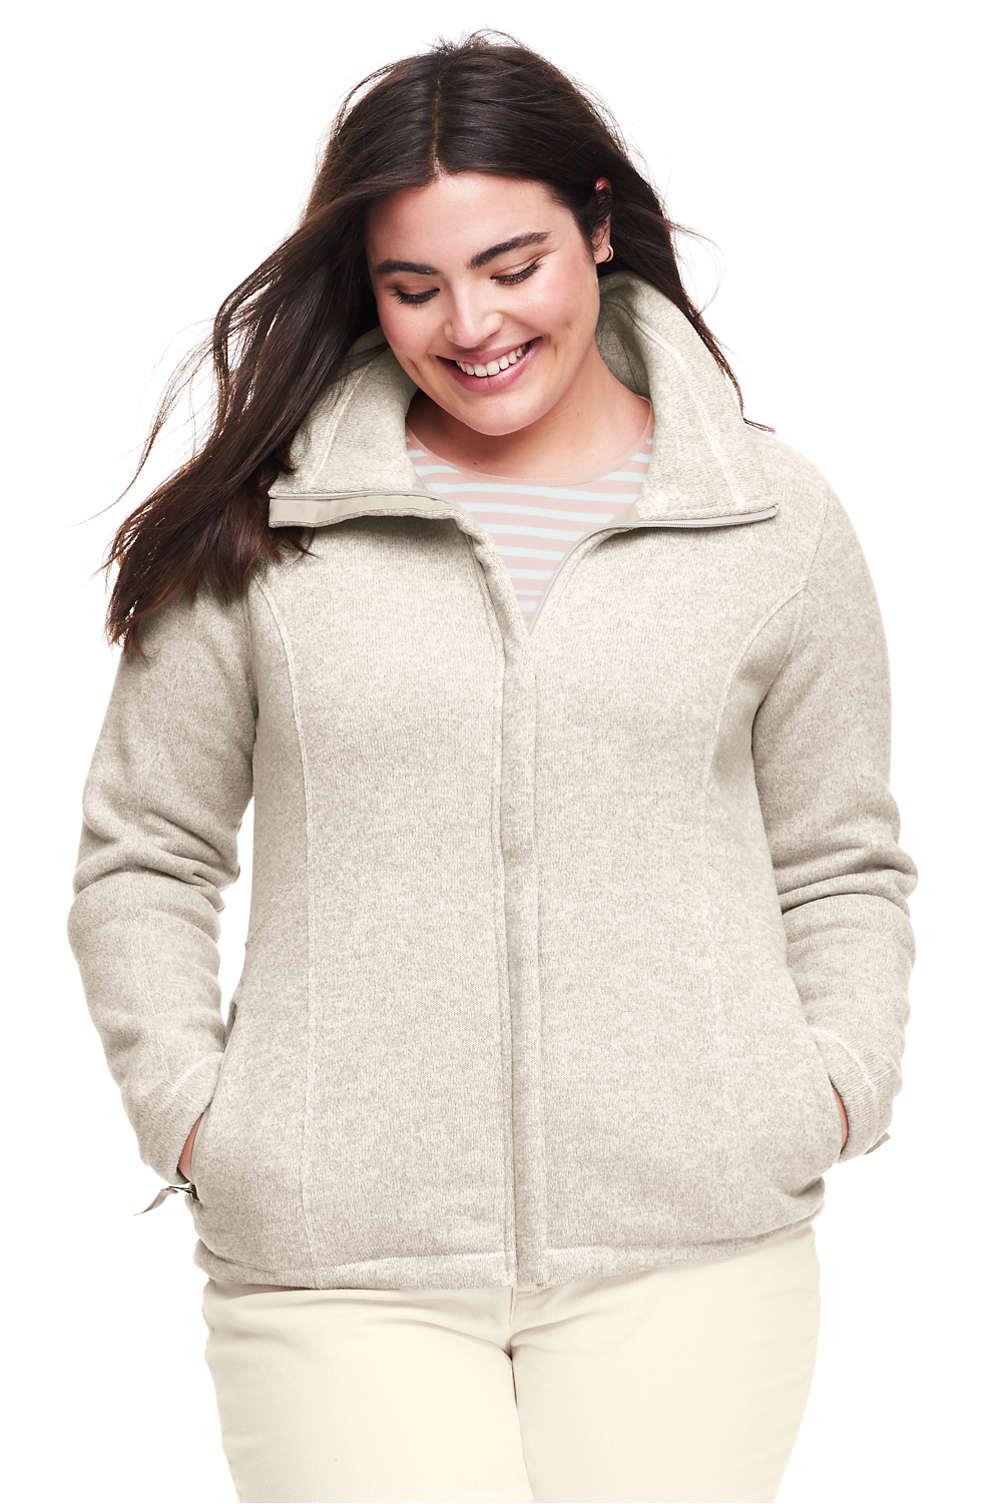 5f4c516b954 Women s Plus Size Sweater Fleece Jacket from Lands  End